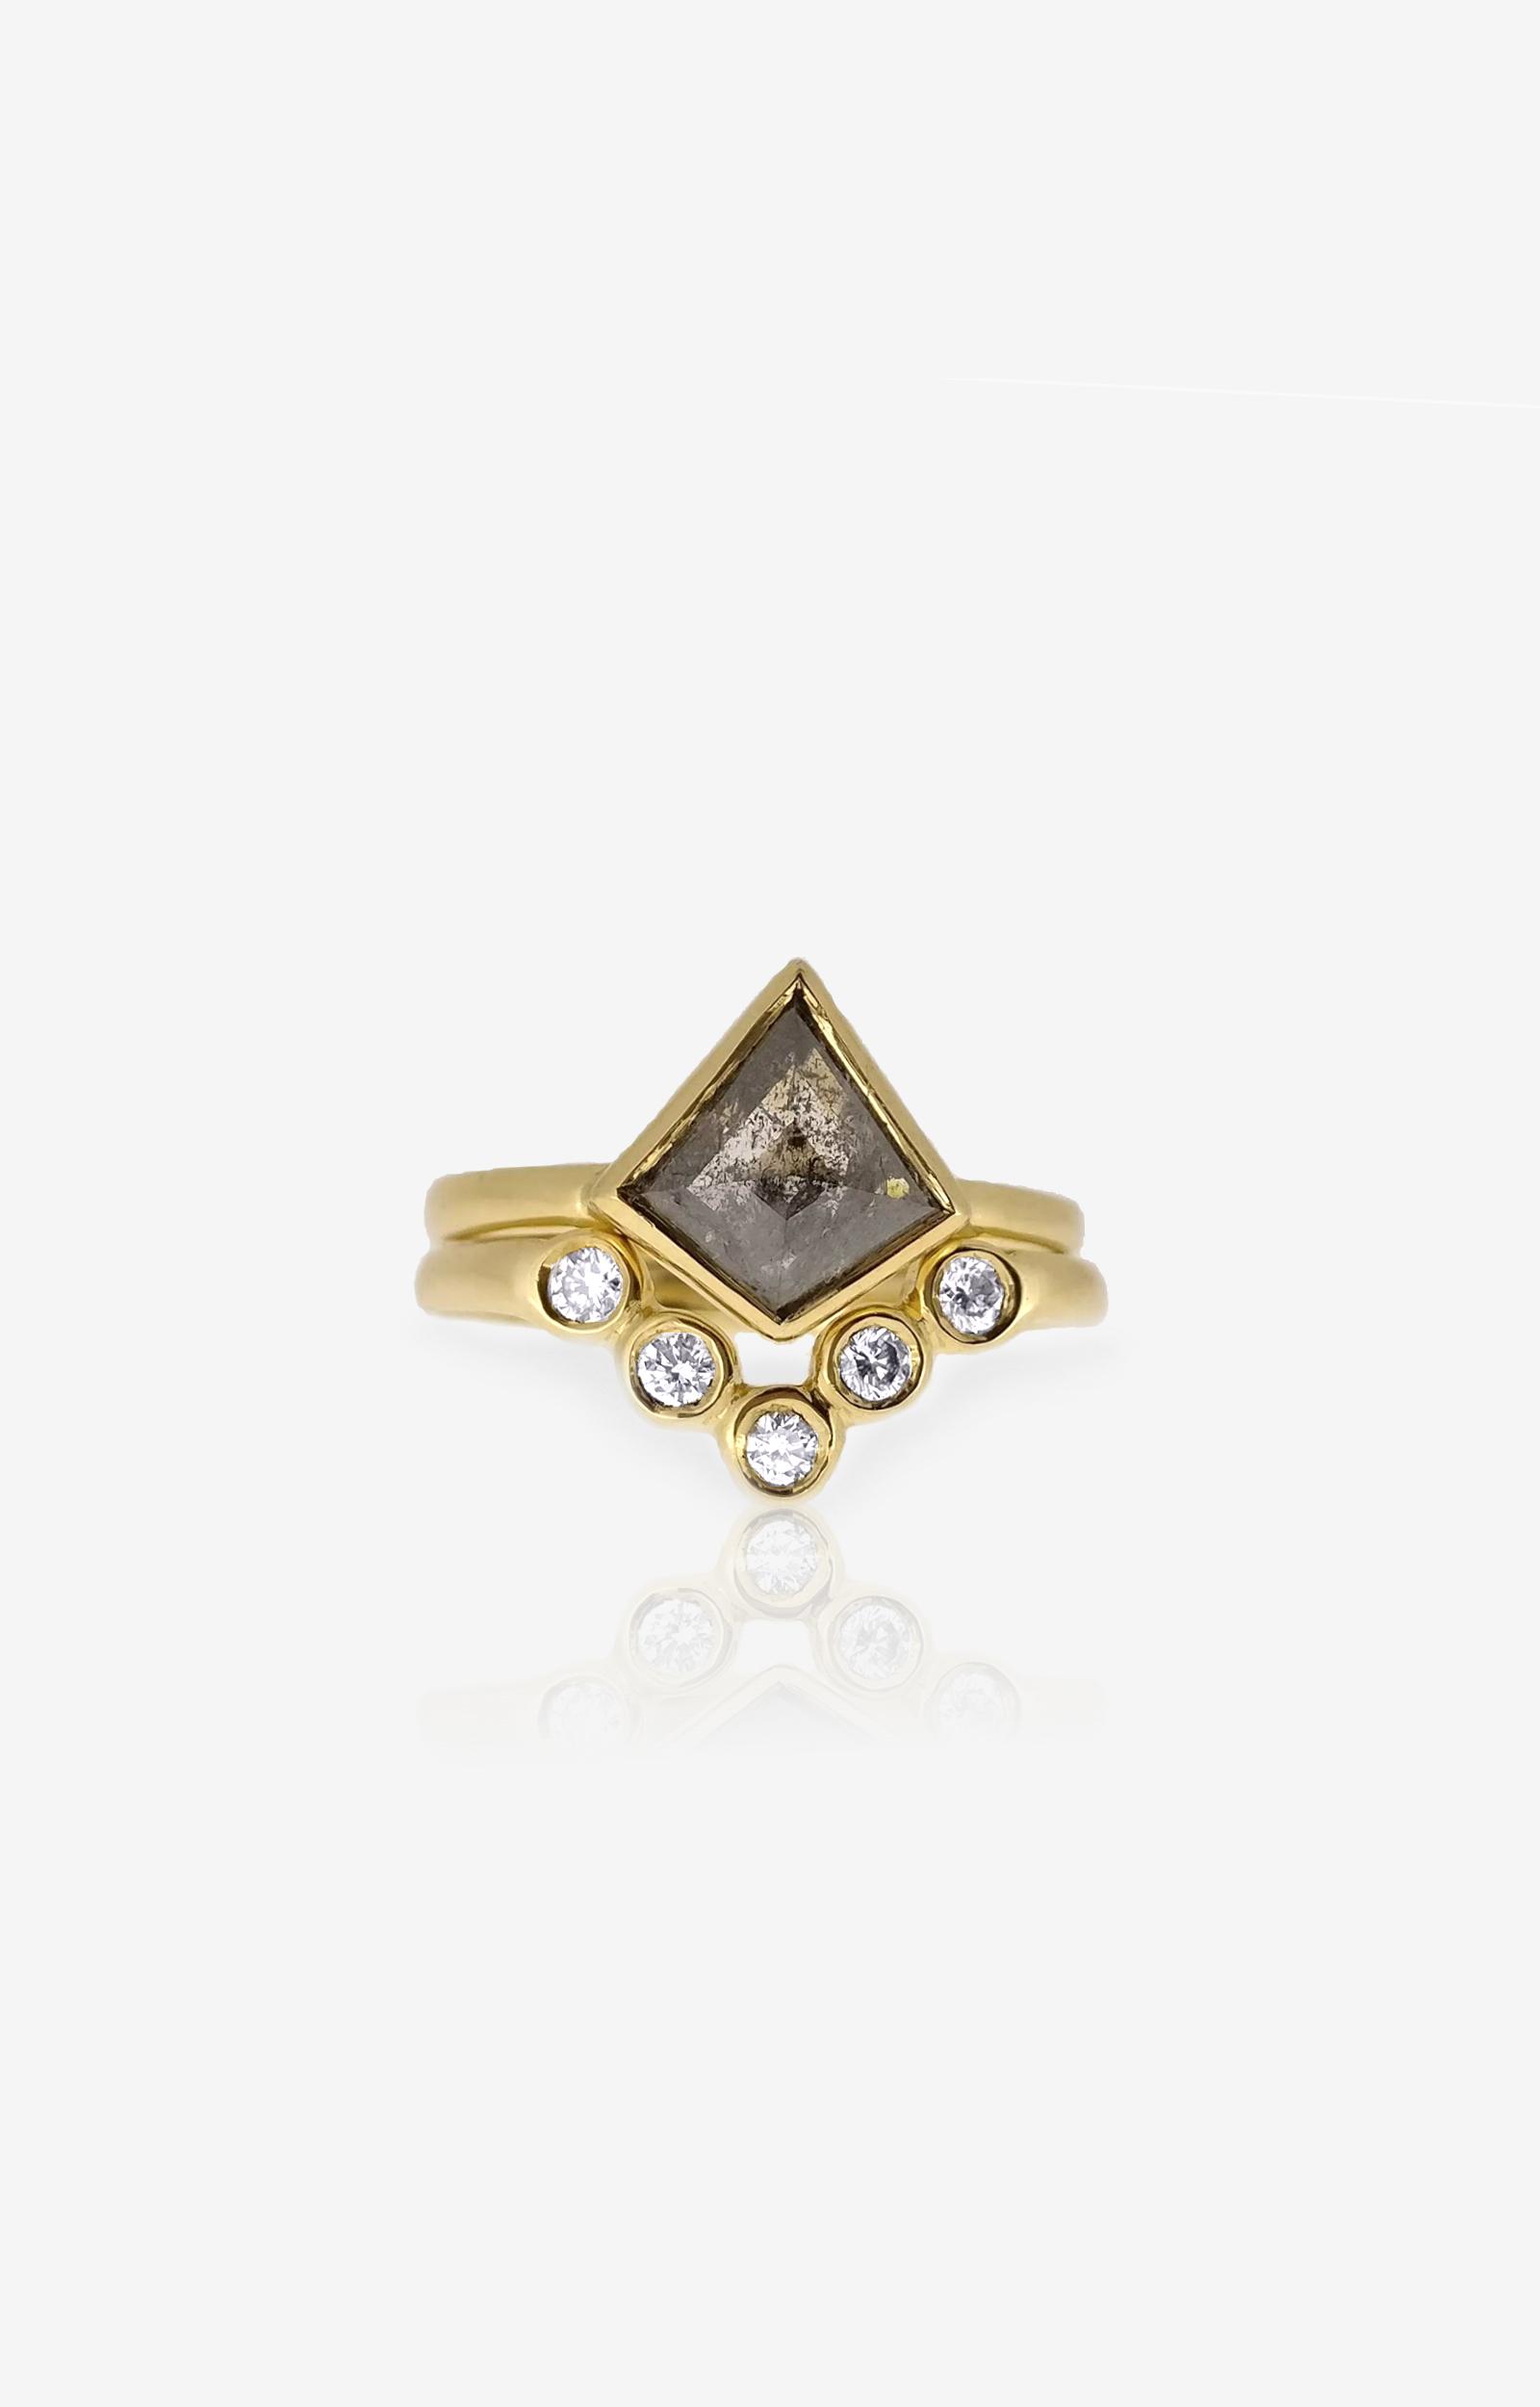 Salt & pepper diamond engagement ring